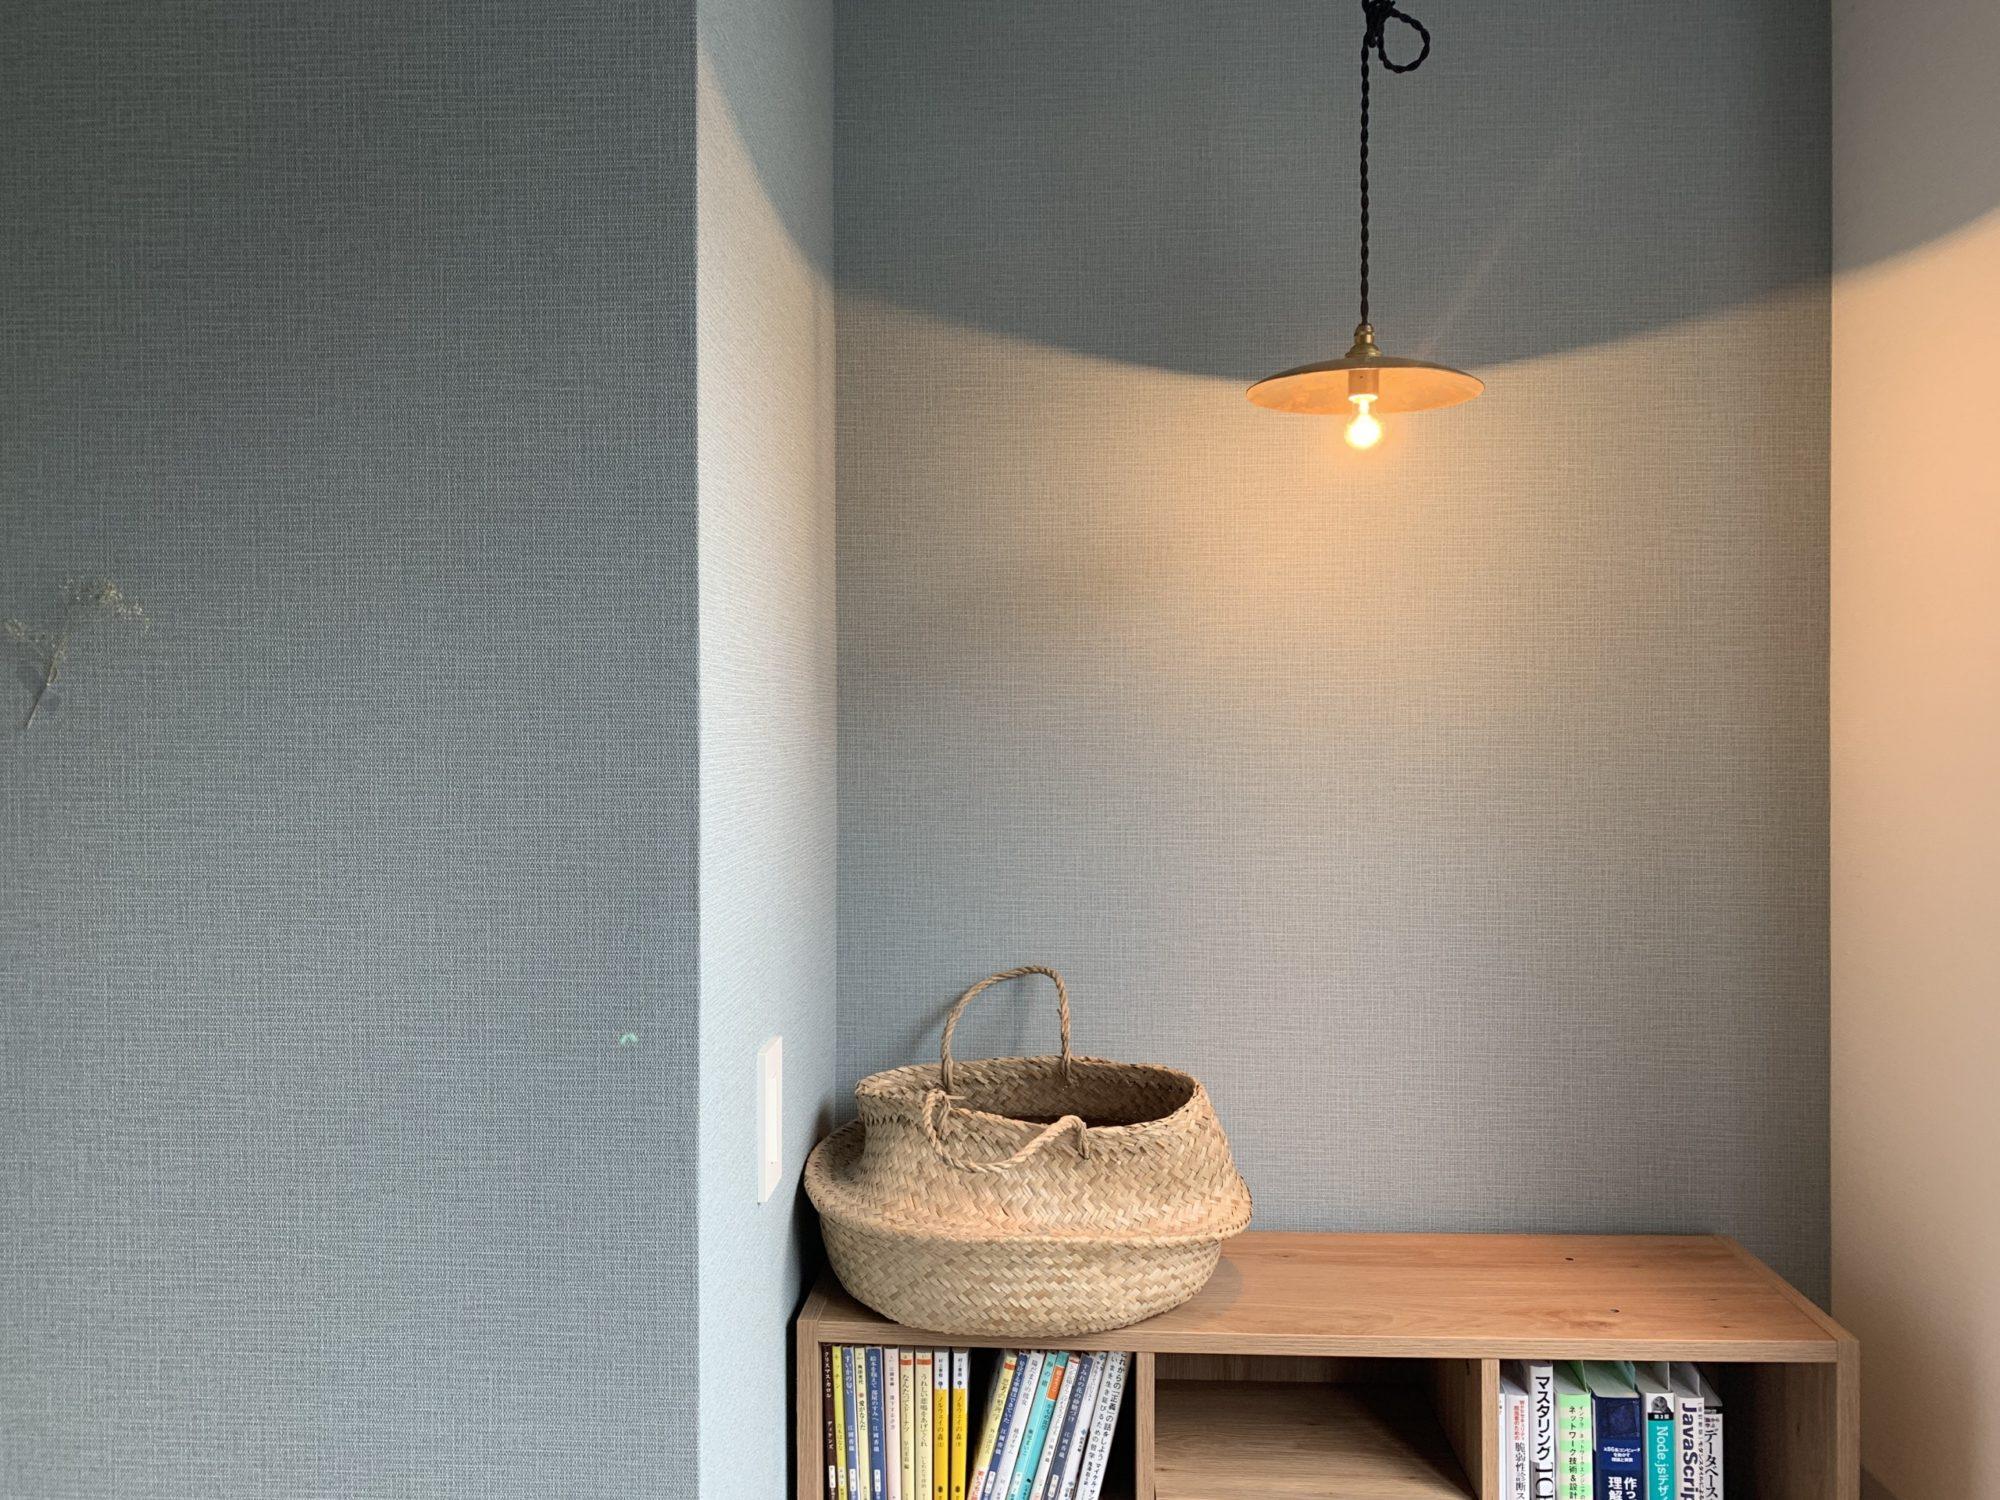 「ペンダントライト」はコードで天井からまっすぐ吊るすタイプの照明です。形やデザインも豊富で、インテリアのアイテムのひとつとして楽しむことができます。(このアイテムはこちら)